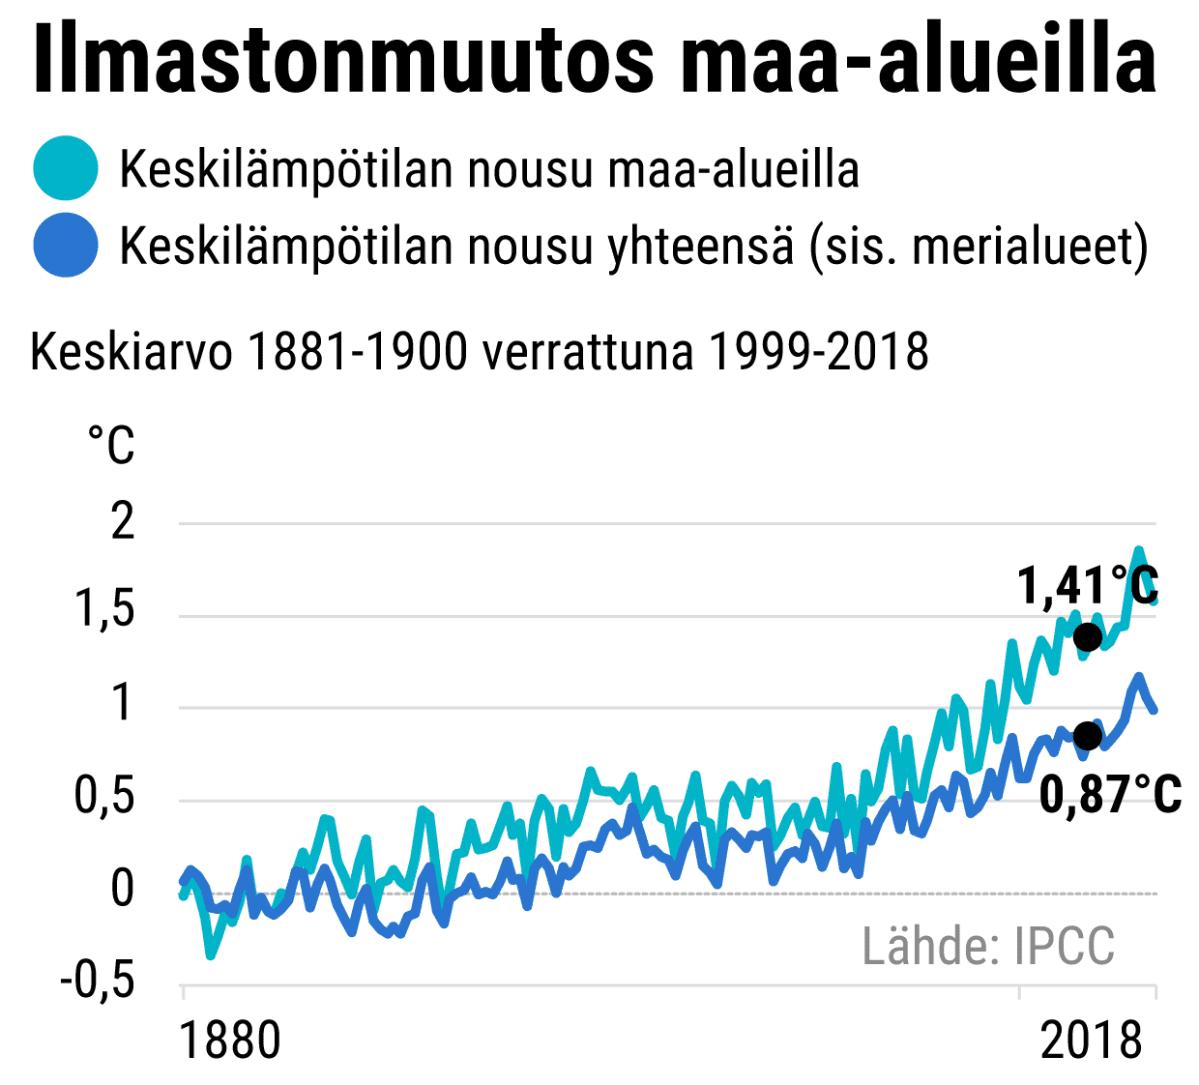 Ilmastonmuutos maa-alueilla